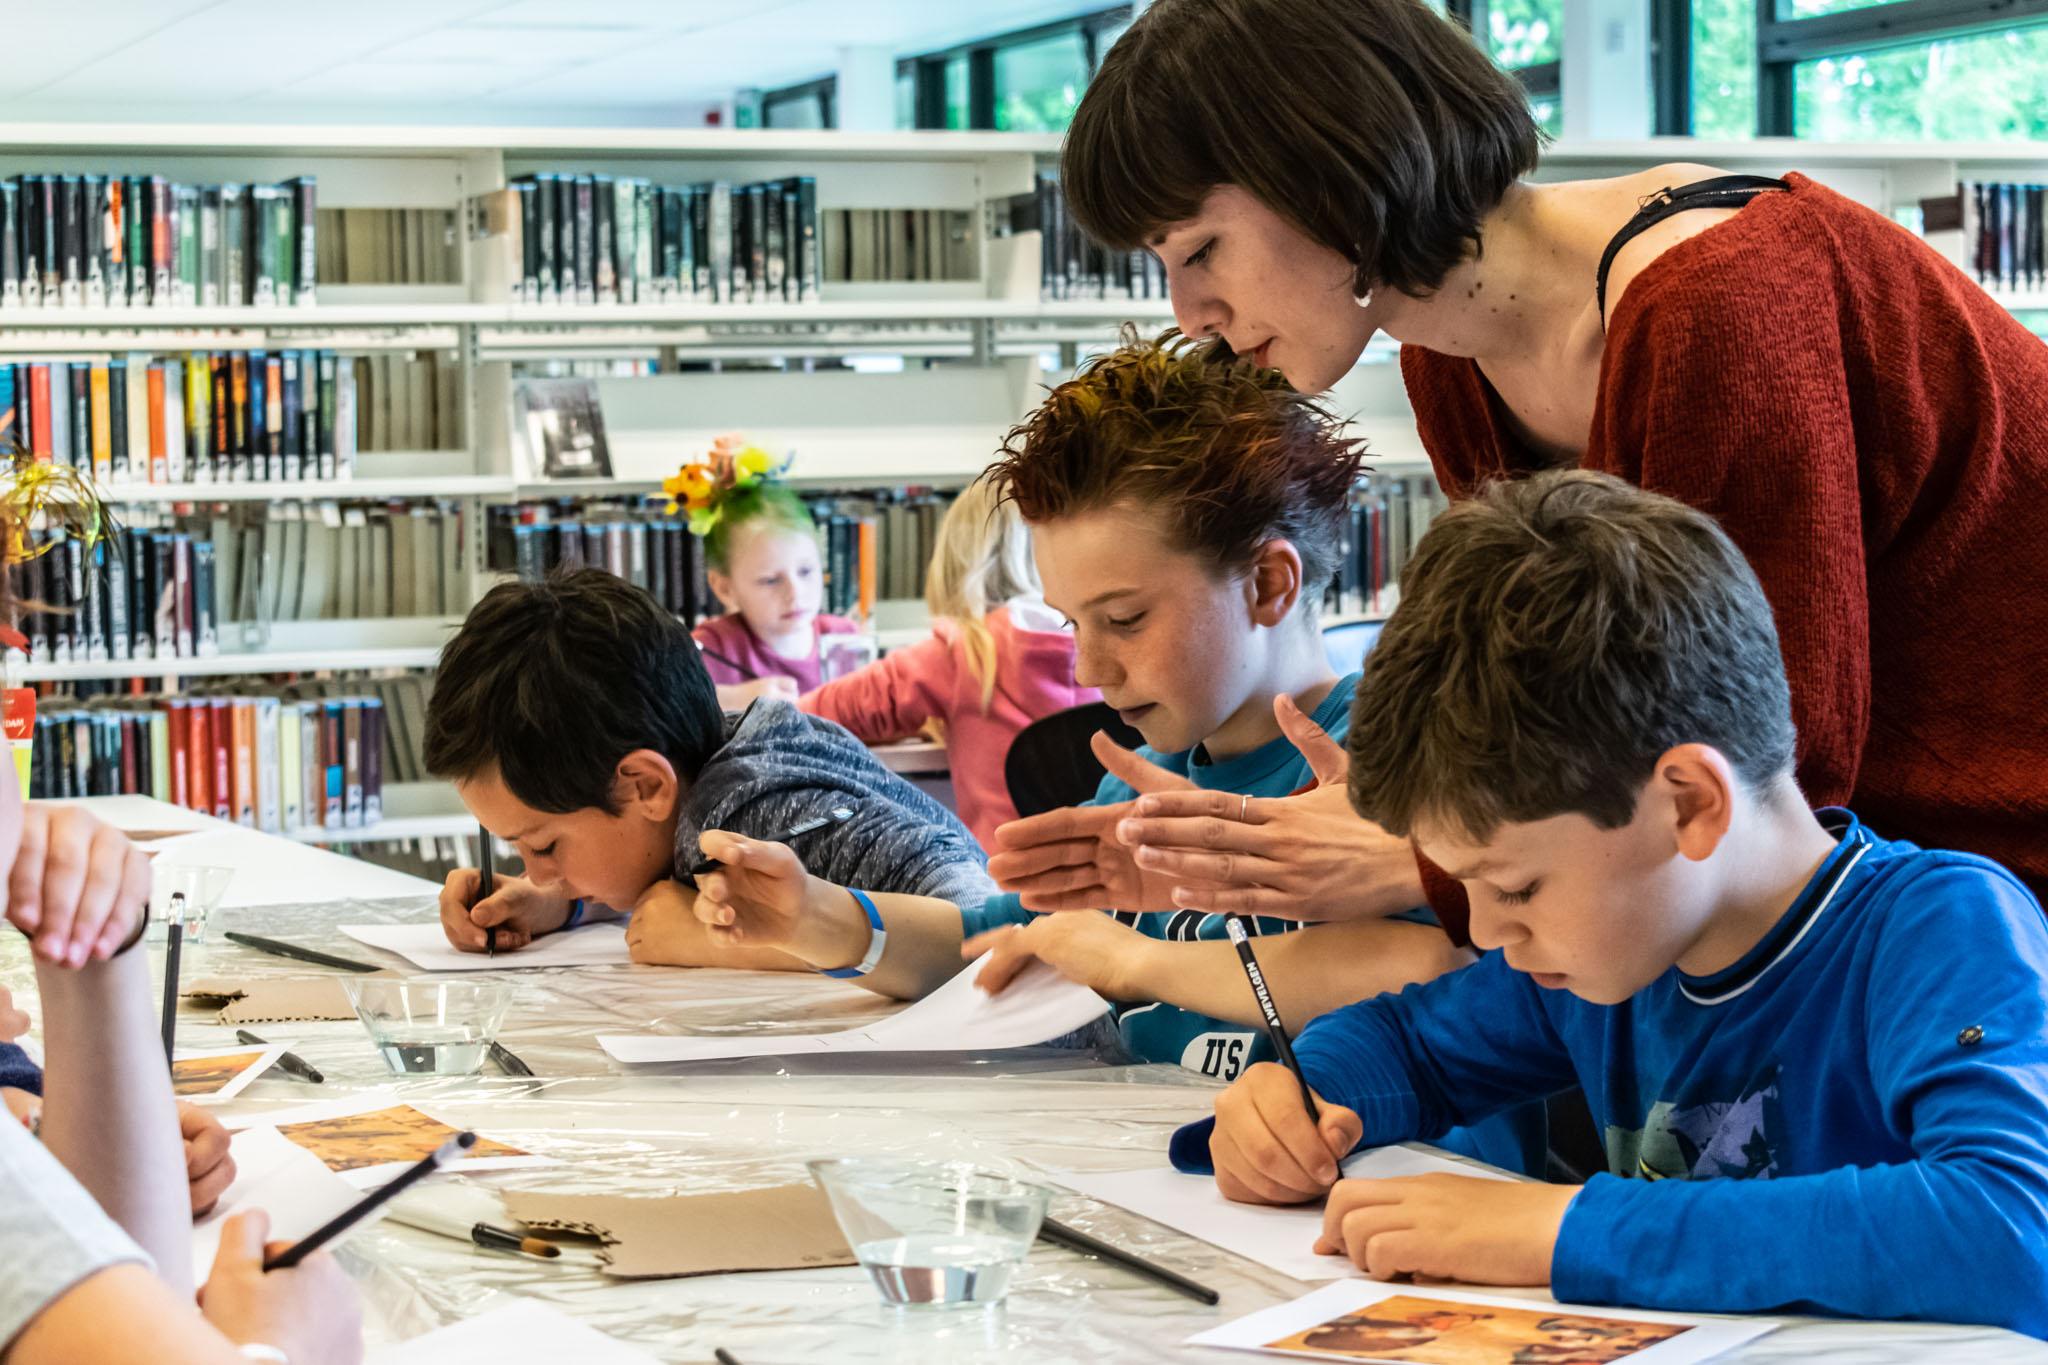 illustrator sassafras de bruyn geeft tips aan kinderen tijdens een tekenworkshop